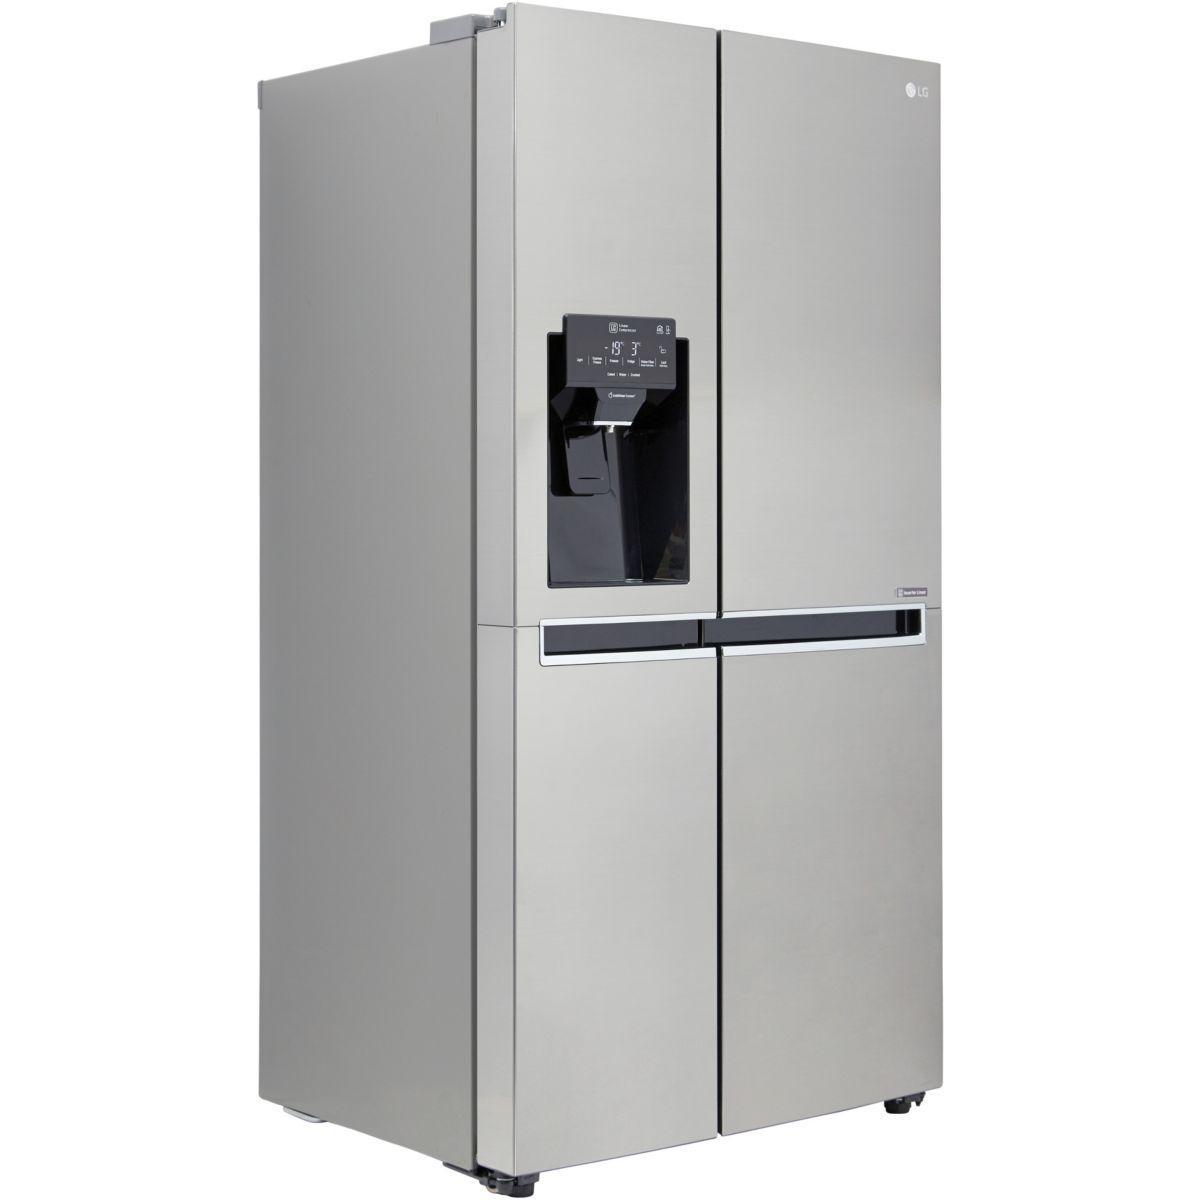 Réfrigérateur Américain LG EX GSL6621PS